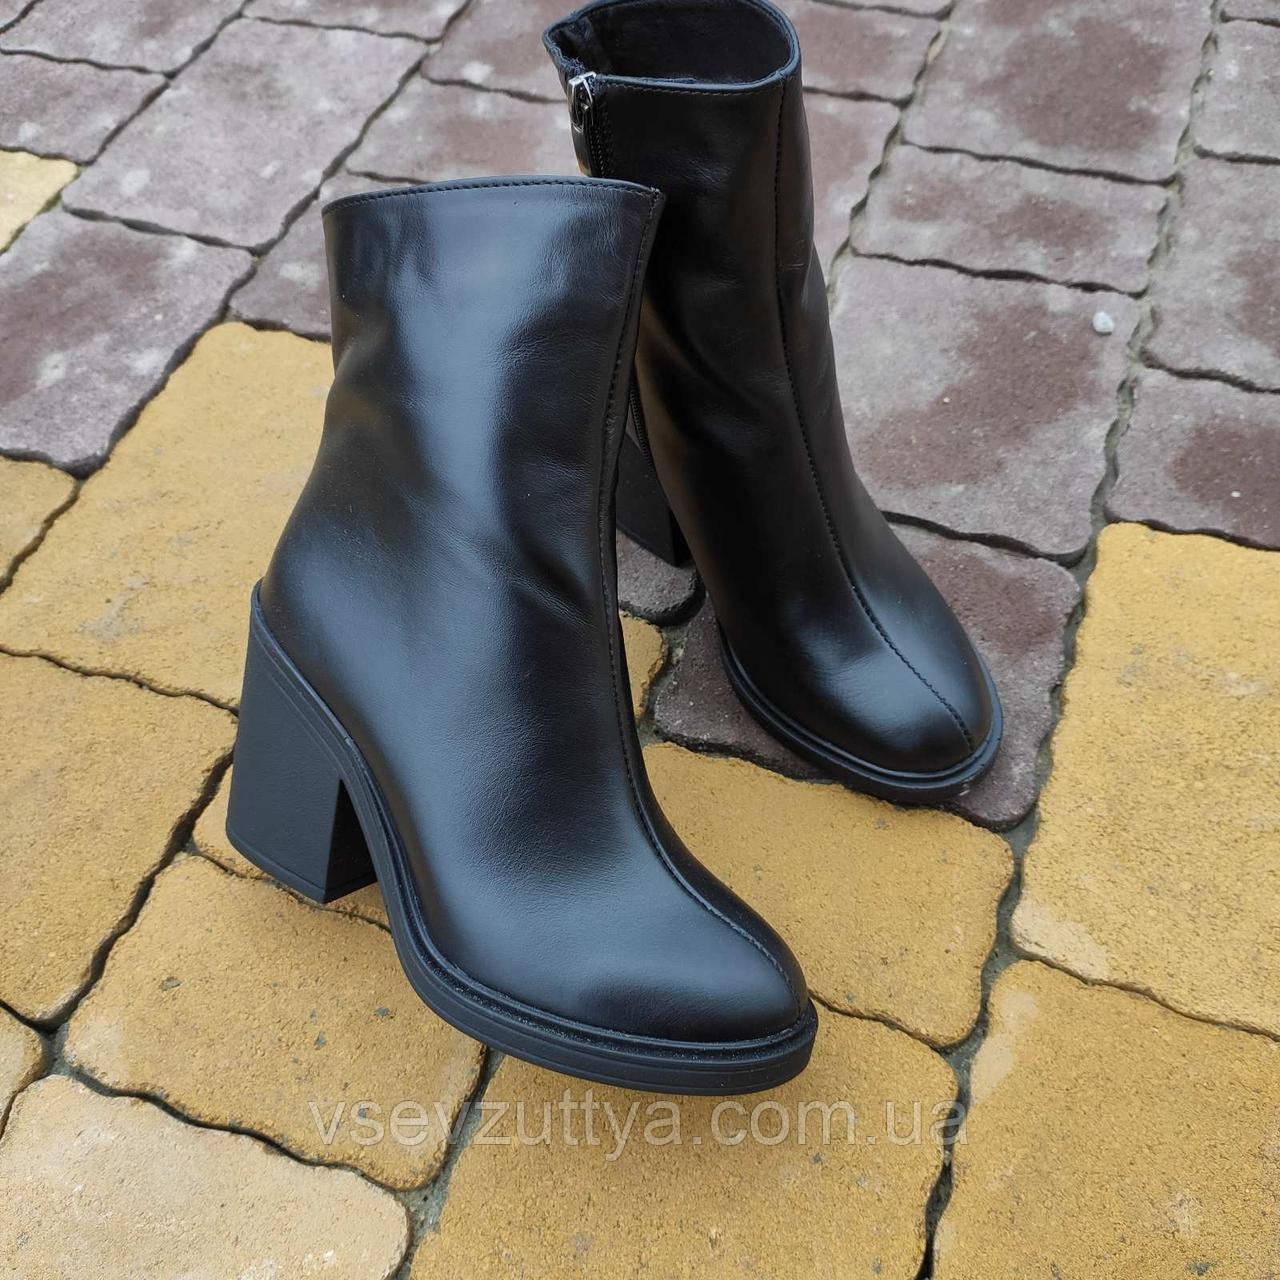 Ботинки женские черные на каблуке натуральная кожа